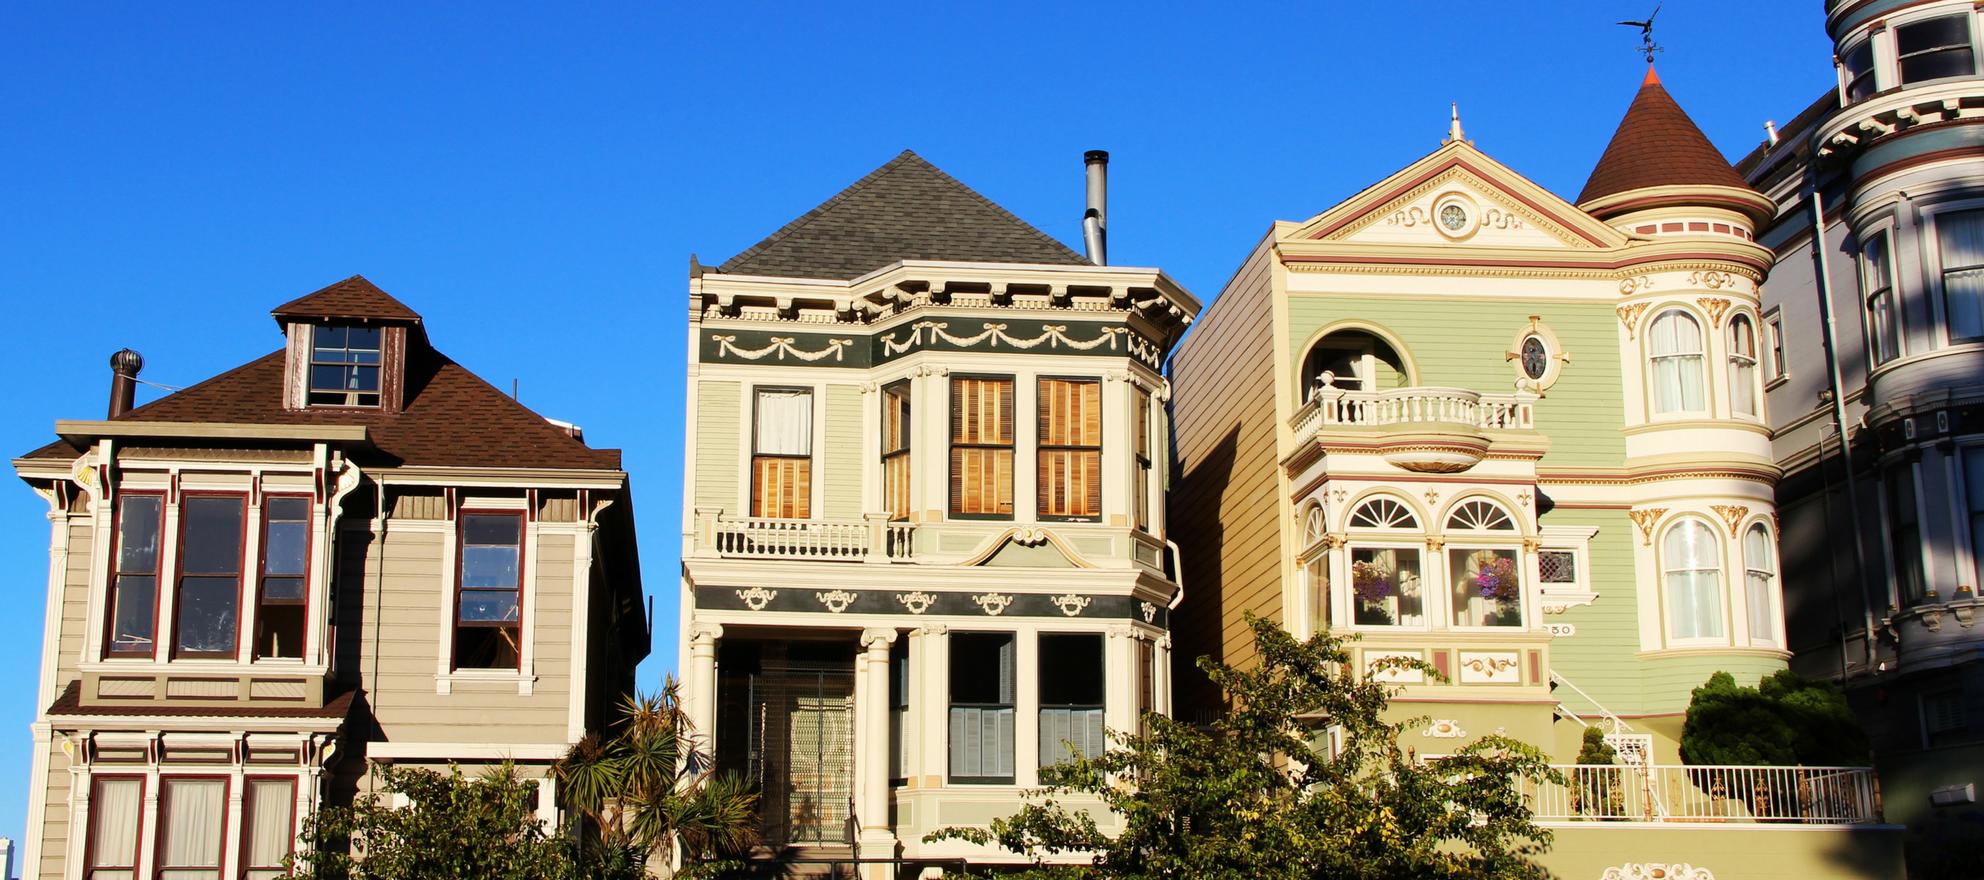 2018 real estate seller's market